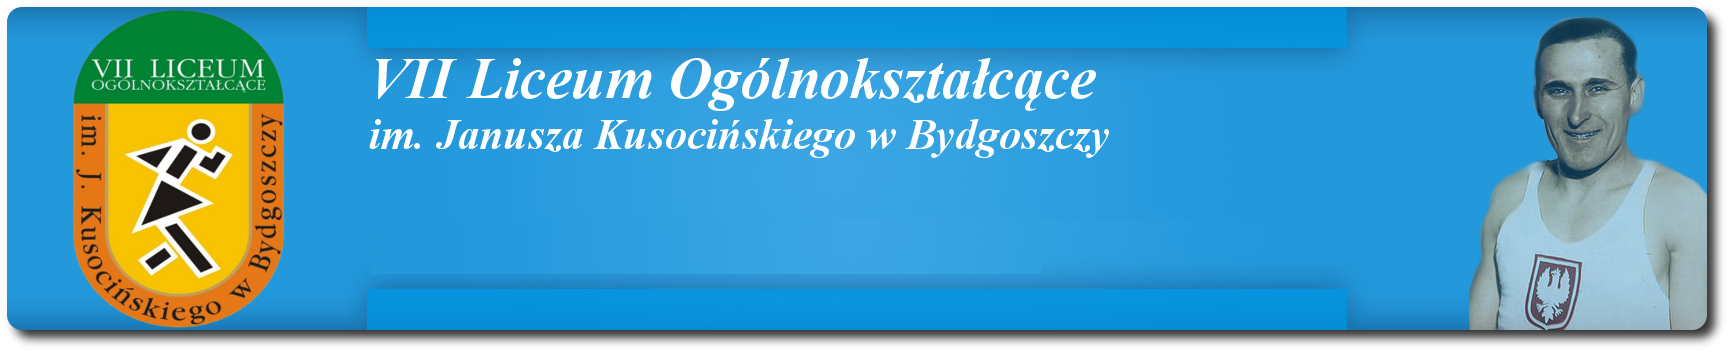 Oficjalna strona internetowa VII Liceum Ogólnokształcącego im. Janusza Kusocińskiego w Bydgoszczy